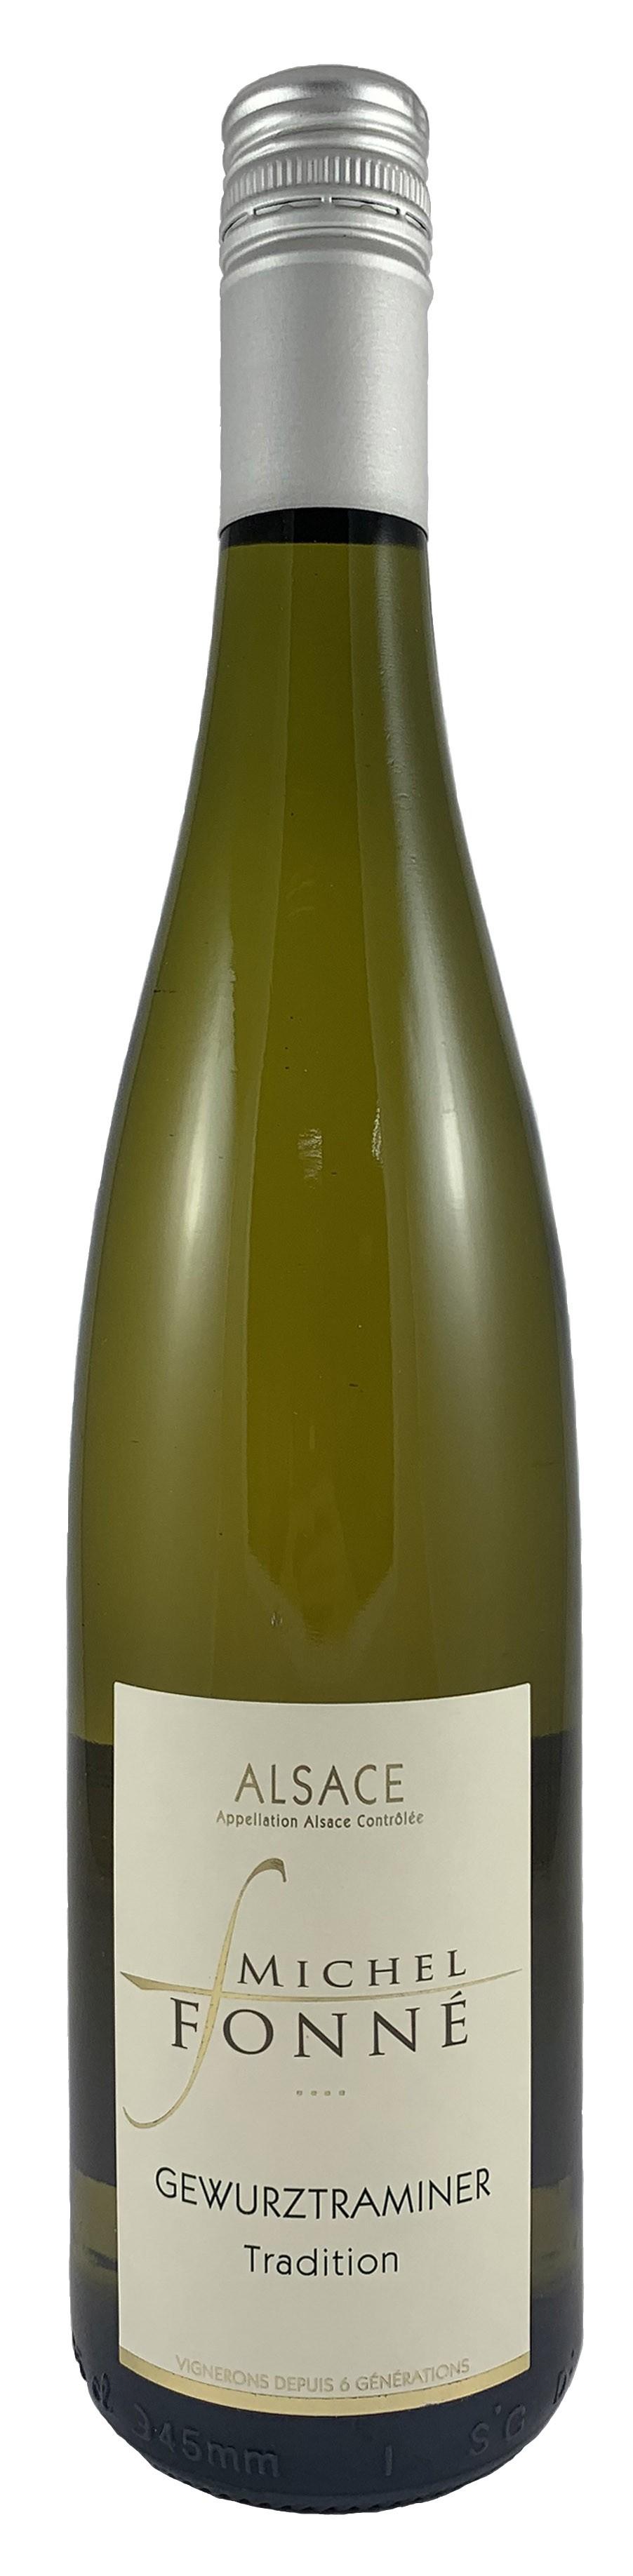 法國 阿爾薩斯AOC 米歇爾弗內酒莊 格烏茲塔明娜 白葡萄酒2018